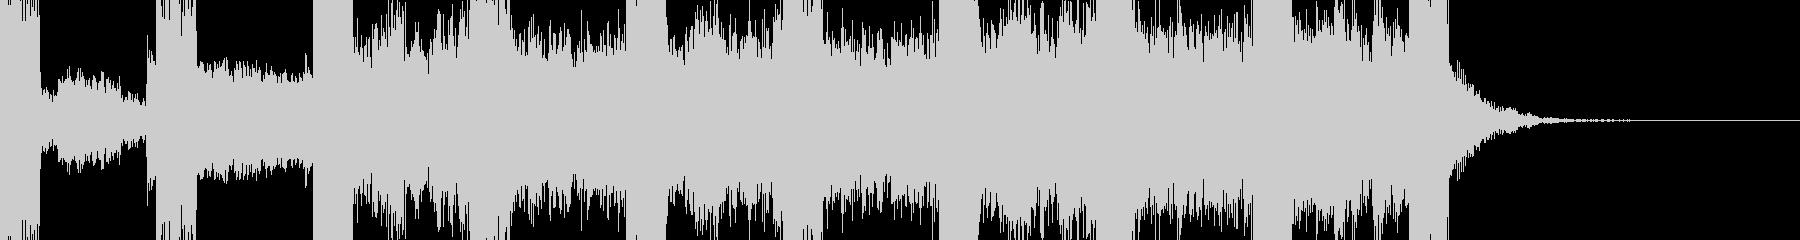 暗い CM系 シネマティックの未再生の波形